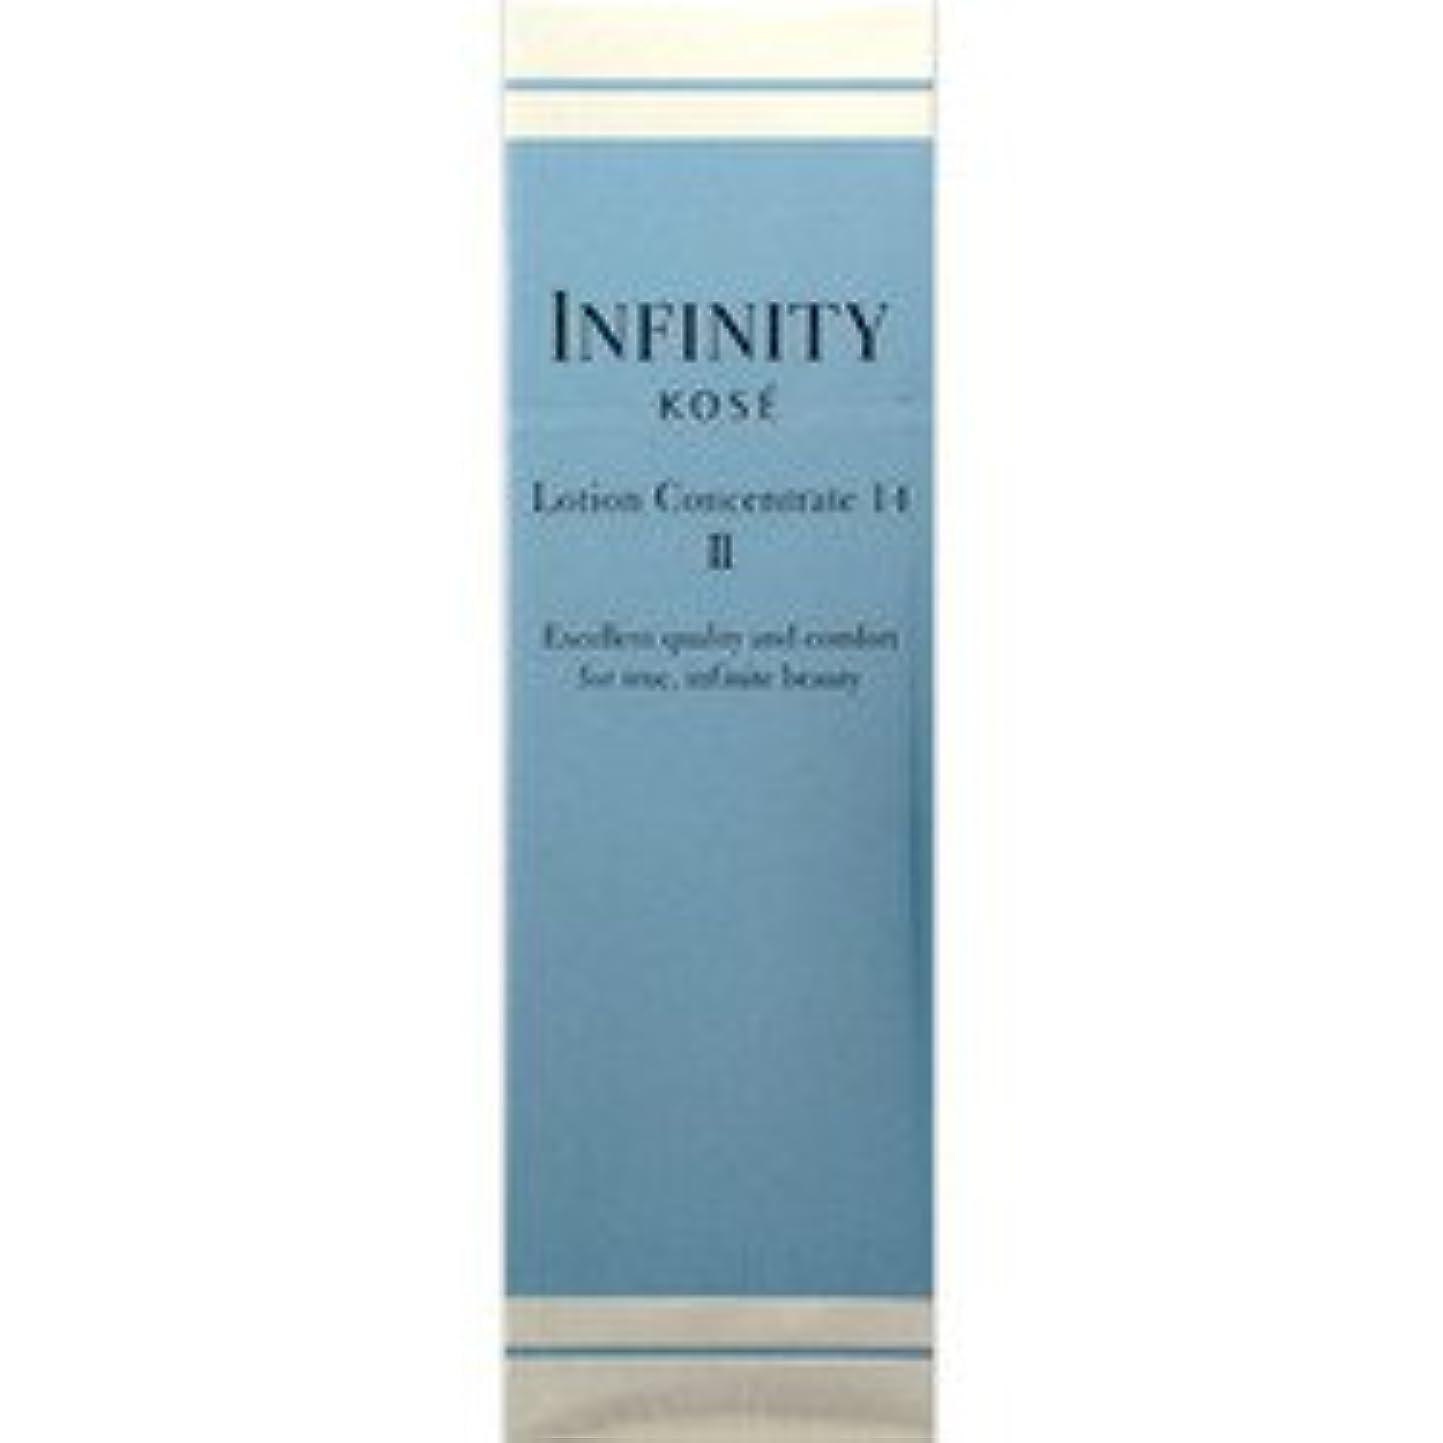 居間作成する液化するインフィニティ (INFINITY)ローション コンセントレート 14 とてもしっとり 160ml